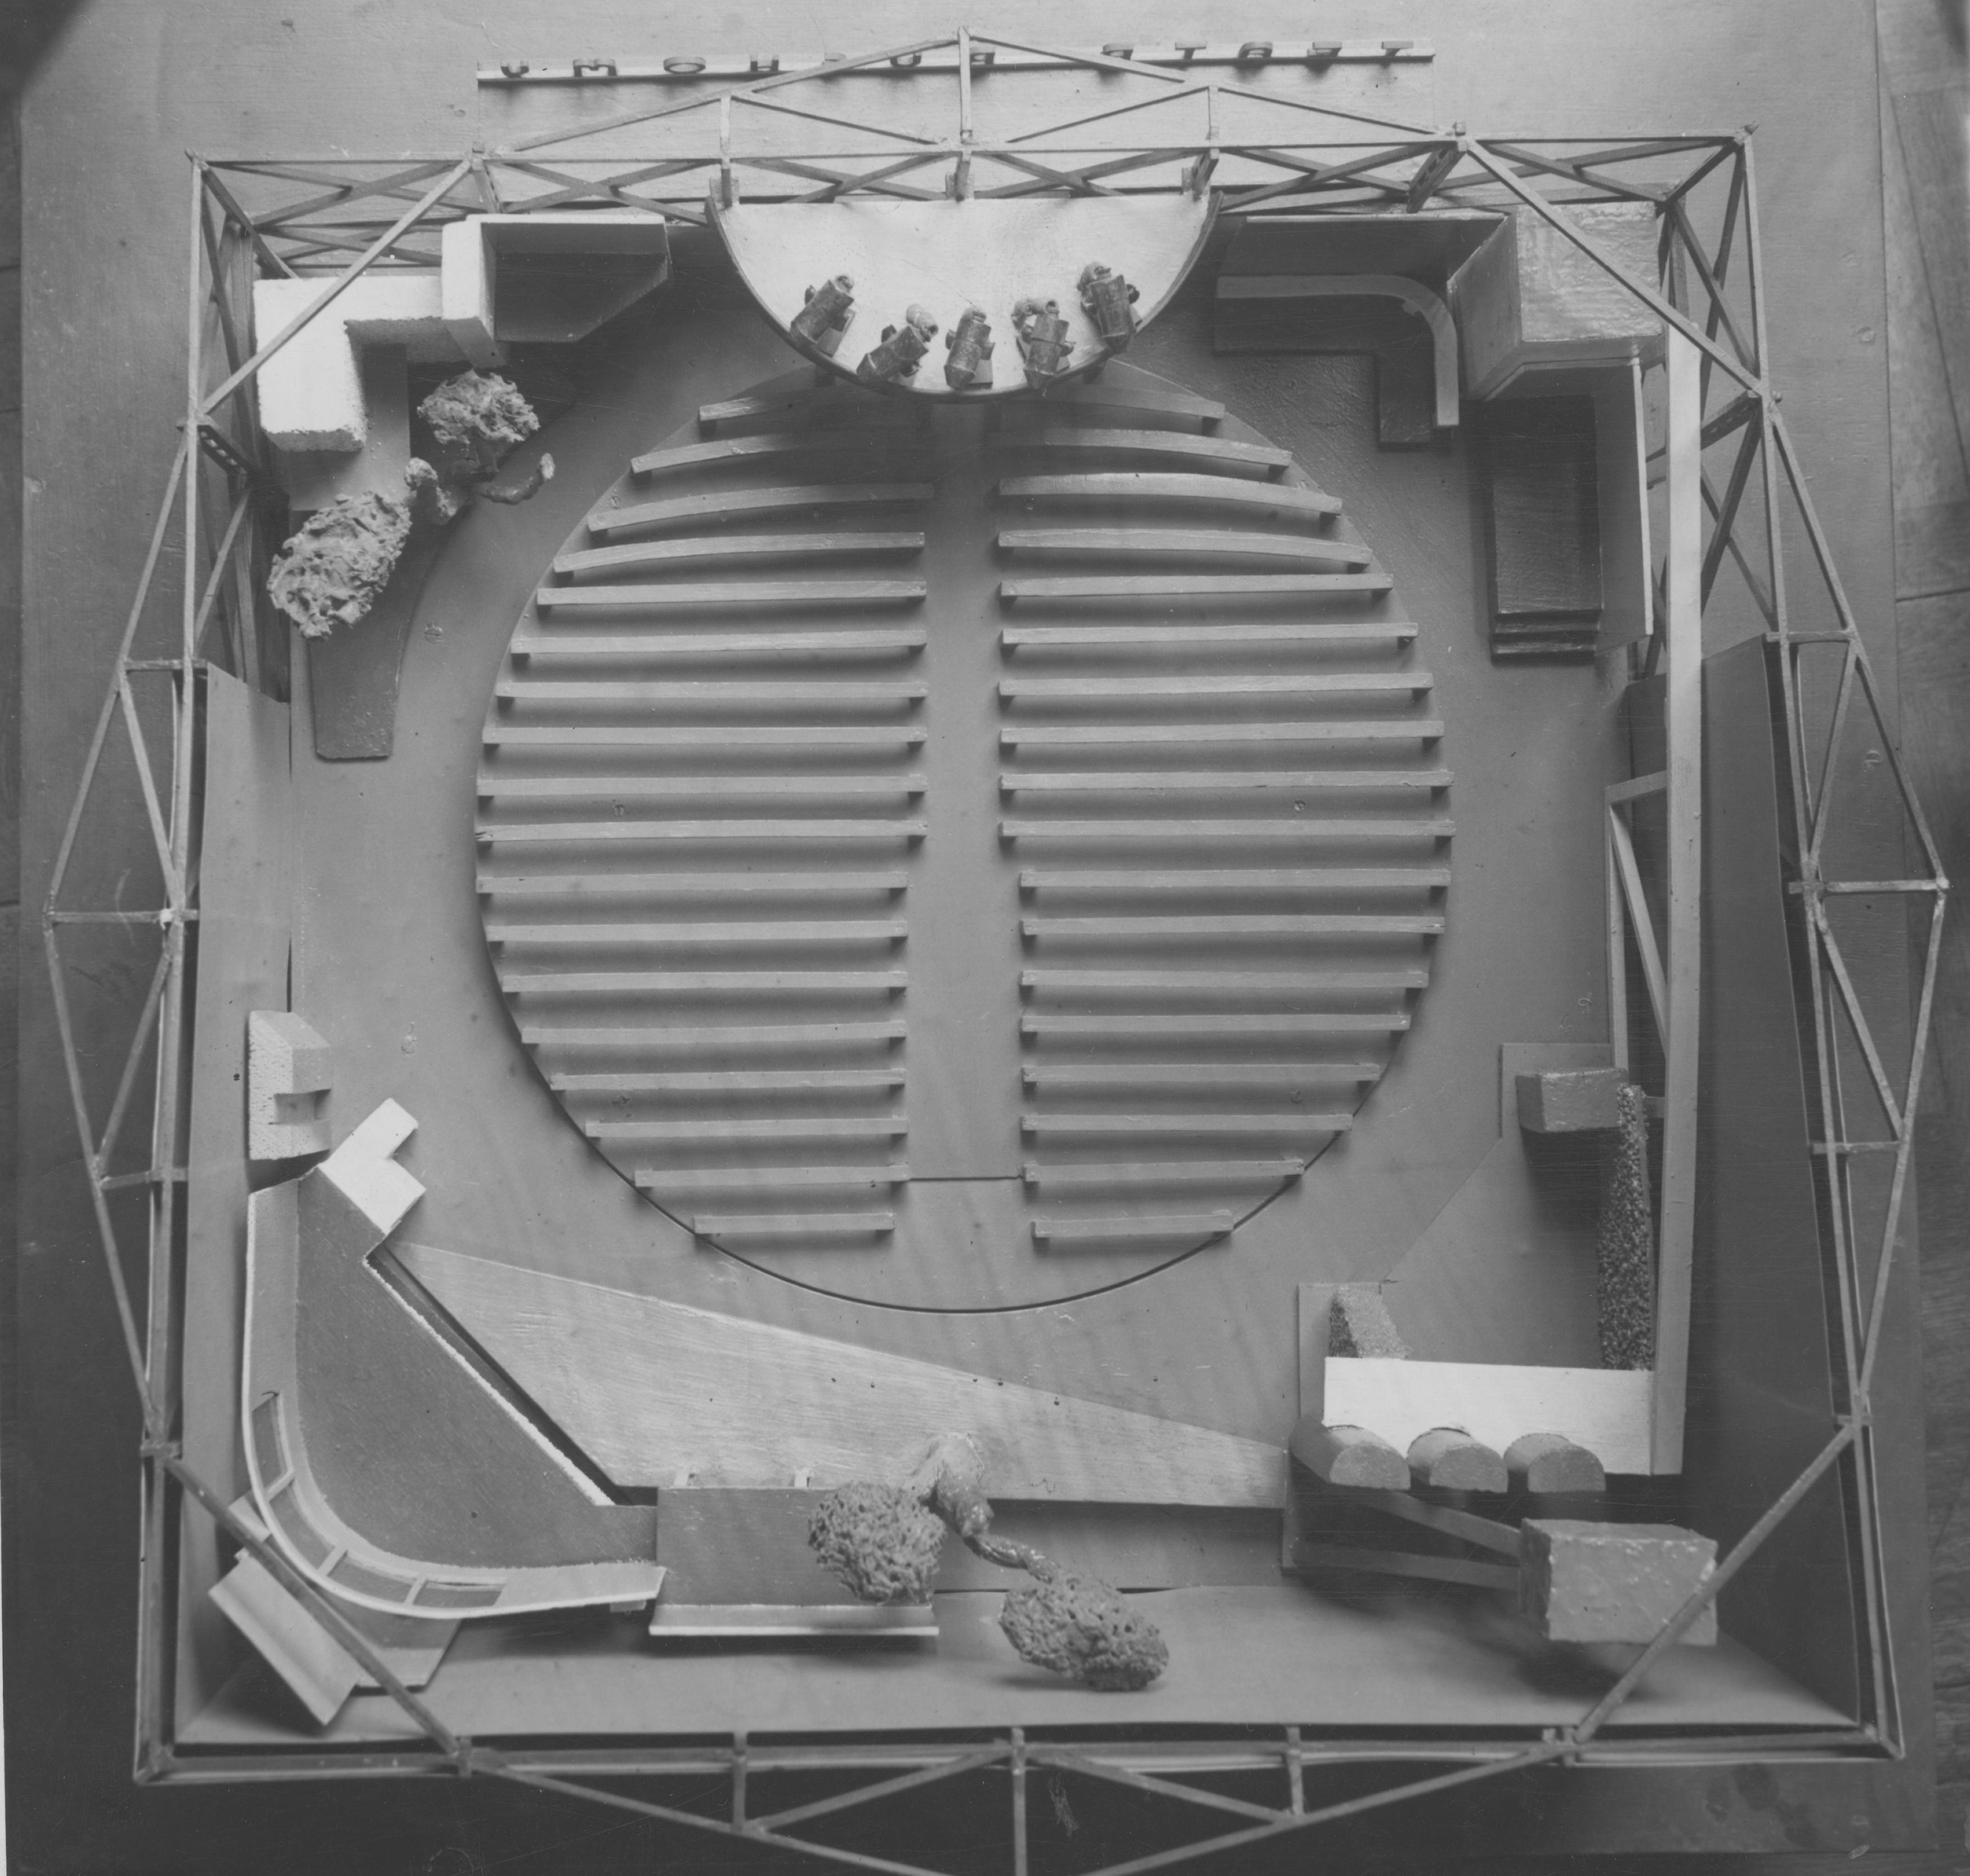 Projekt teatru ruchomego autorstwa Andrzeja Pronaszki, 1935 rok, źródło: Narodowe Archiwum Cyfrowe